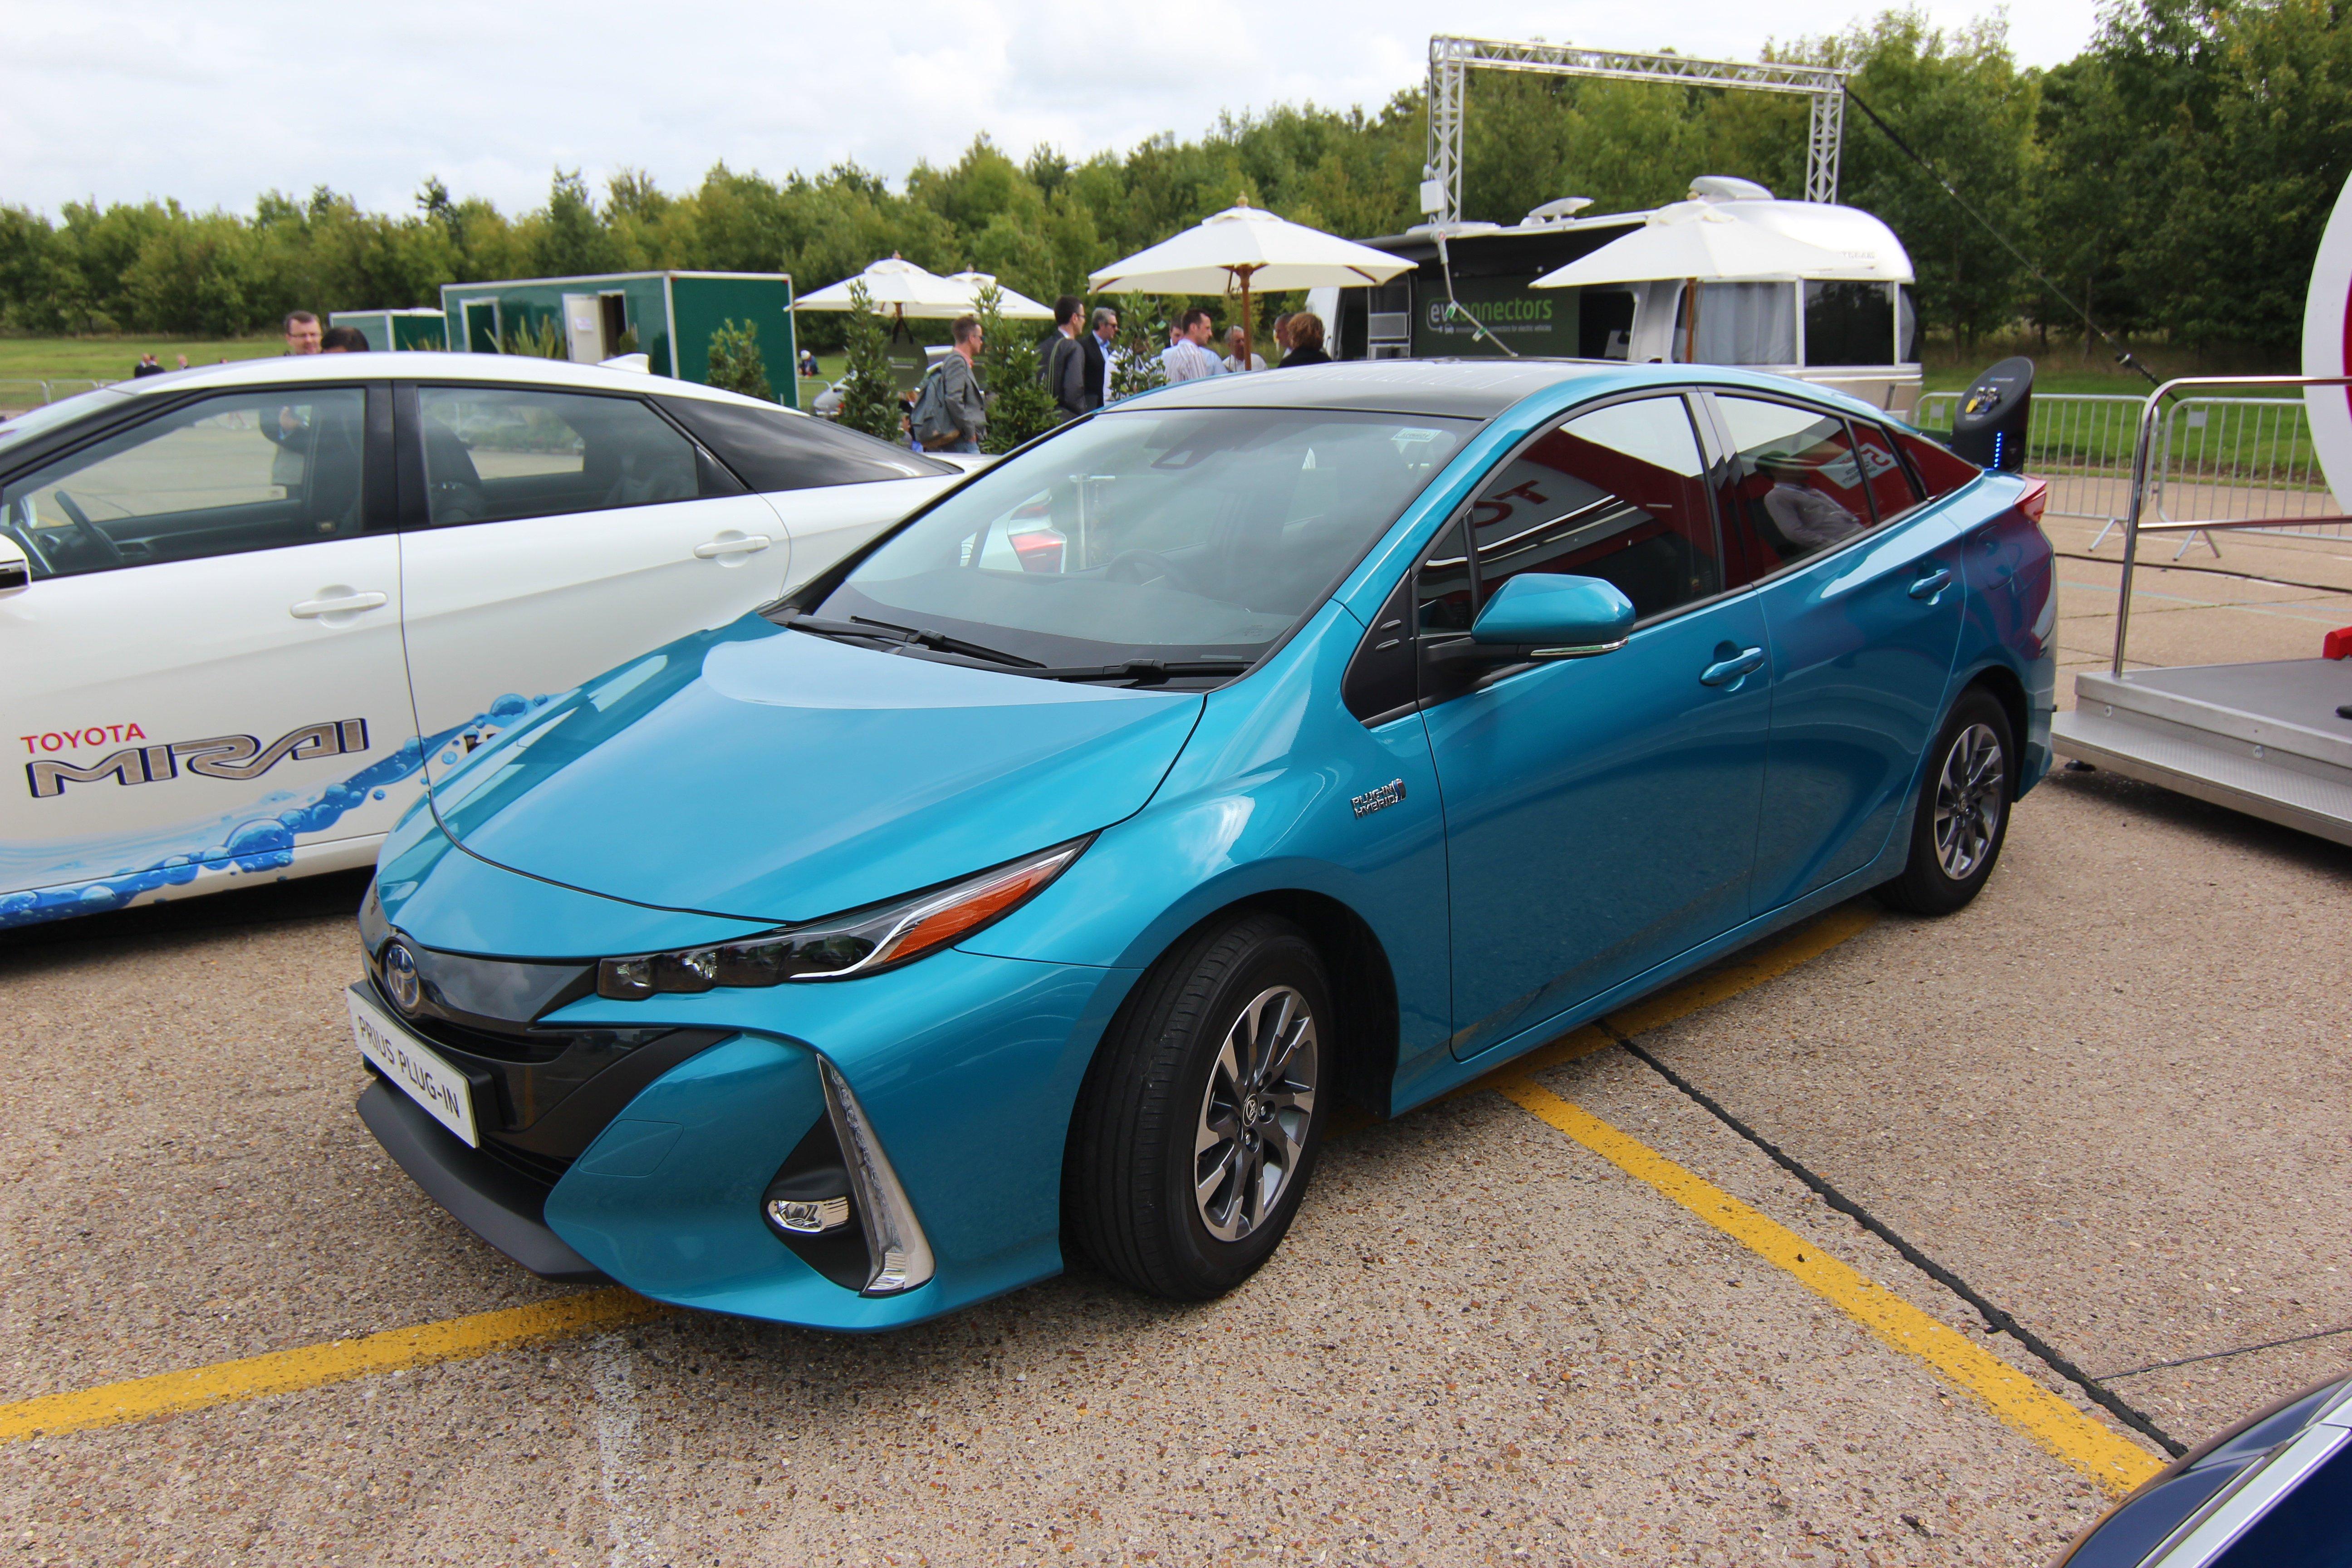 IMG-9169_ToyotaPriusPlugin_Cenex-LCV2017_TLarkum